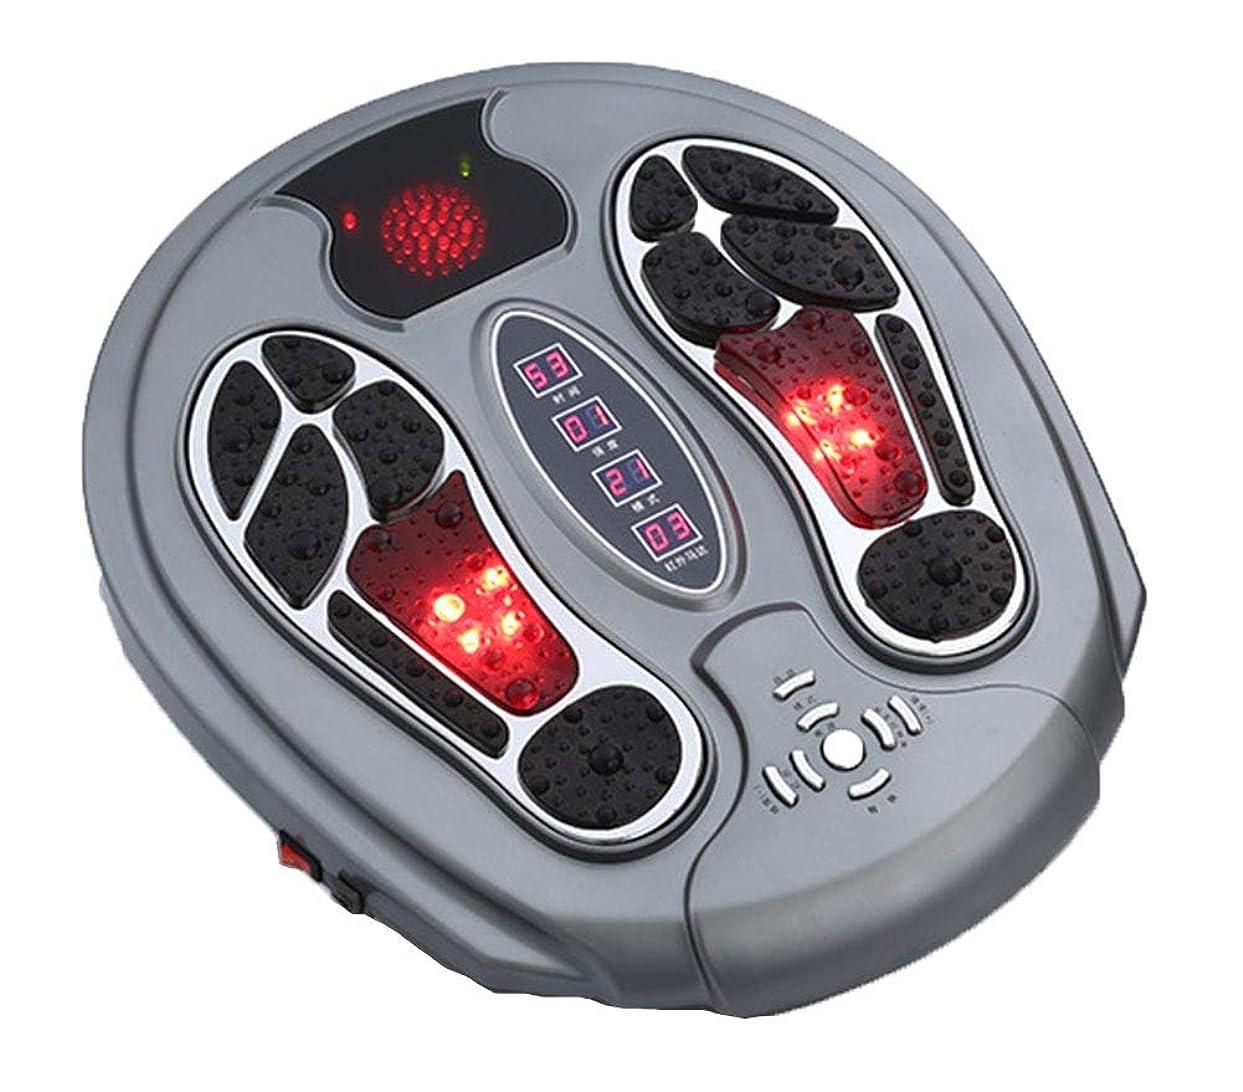 に付ける消化メロディアスFoot Massager Stimulator - Booster Circulation、身体を刺激する99の強度設定、赤外線機能付き